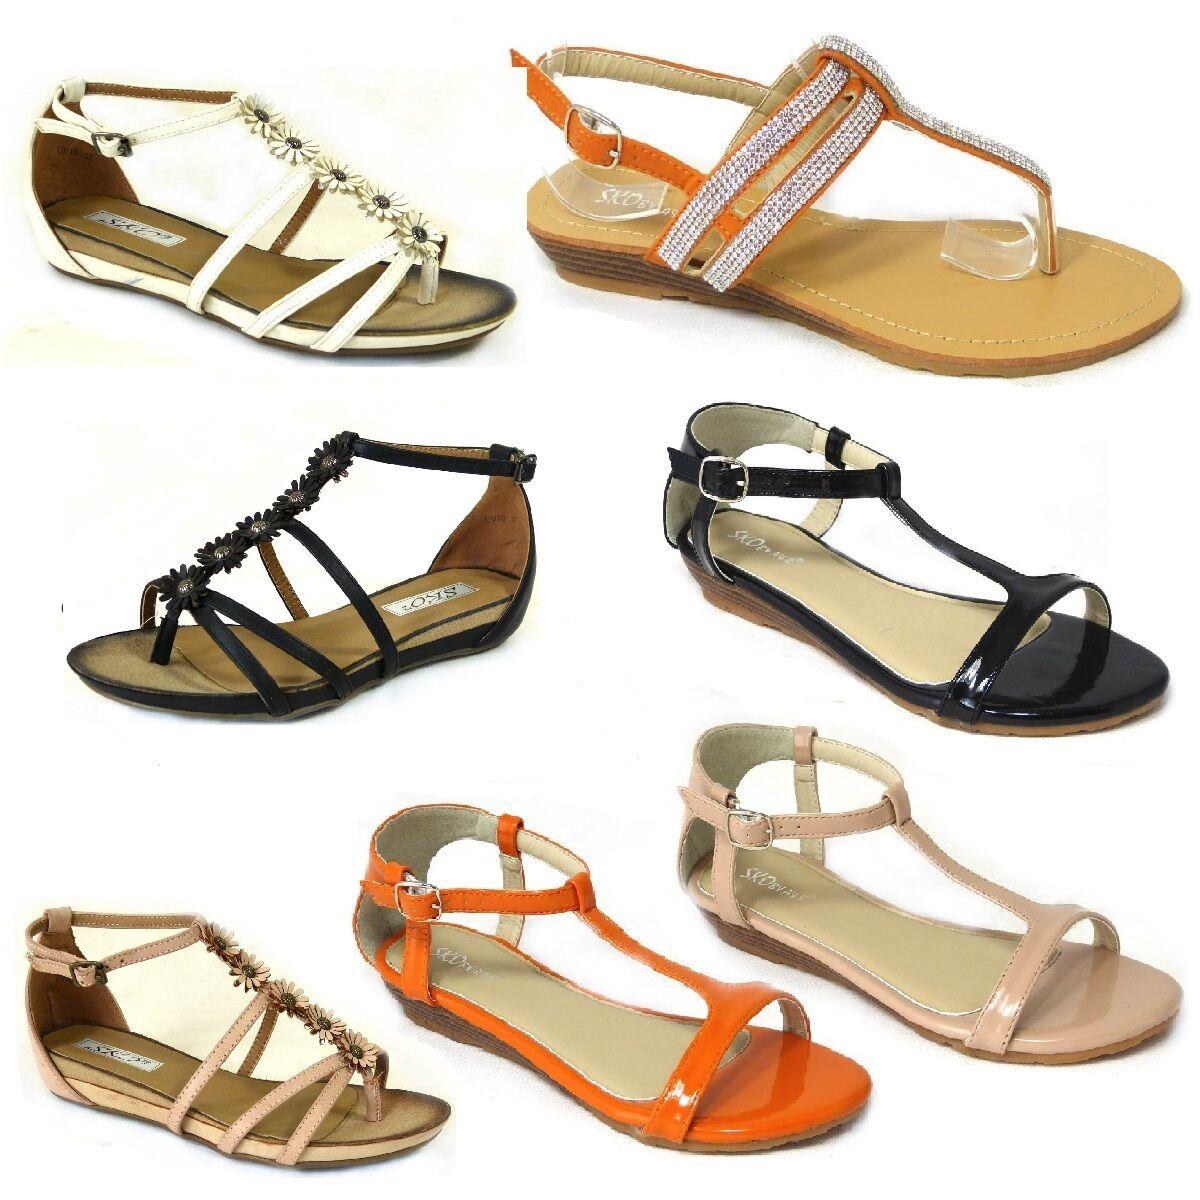 Mujer Nuevo Moderno Gladiador Fiesta Verano Talla Sandalias Playa Zapato Plano Talla Verano a0a704